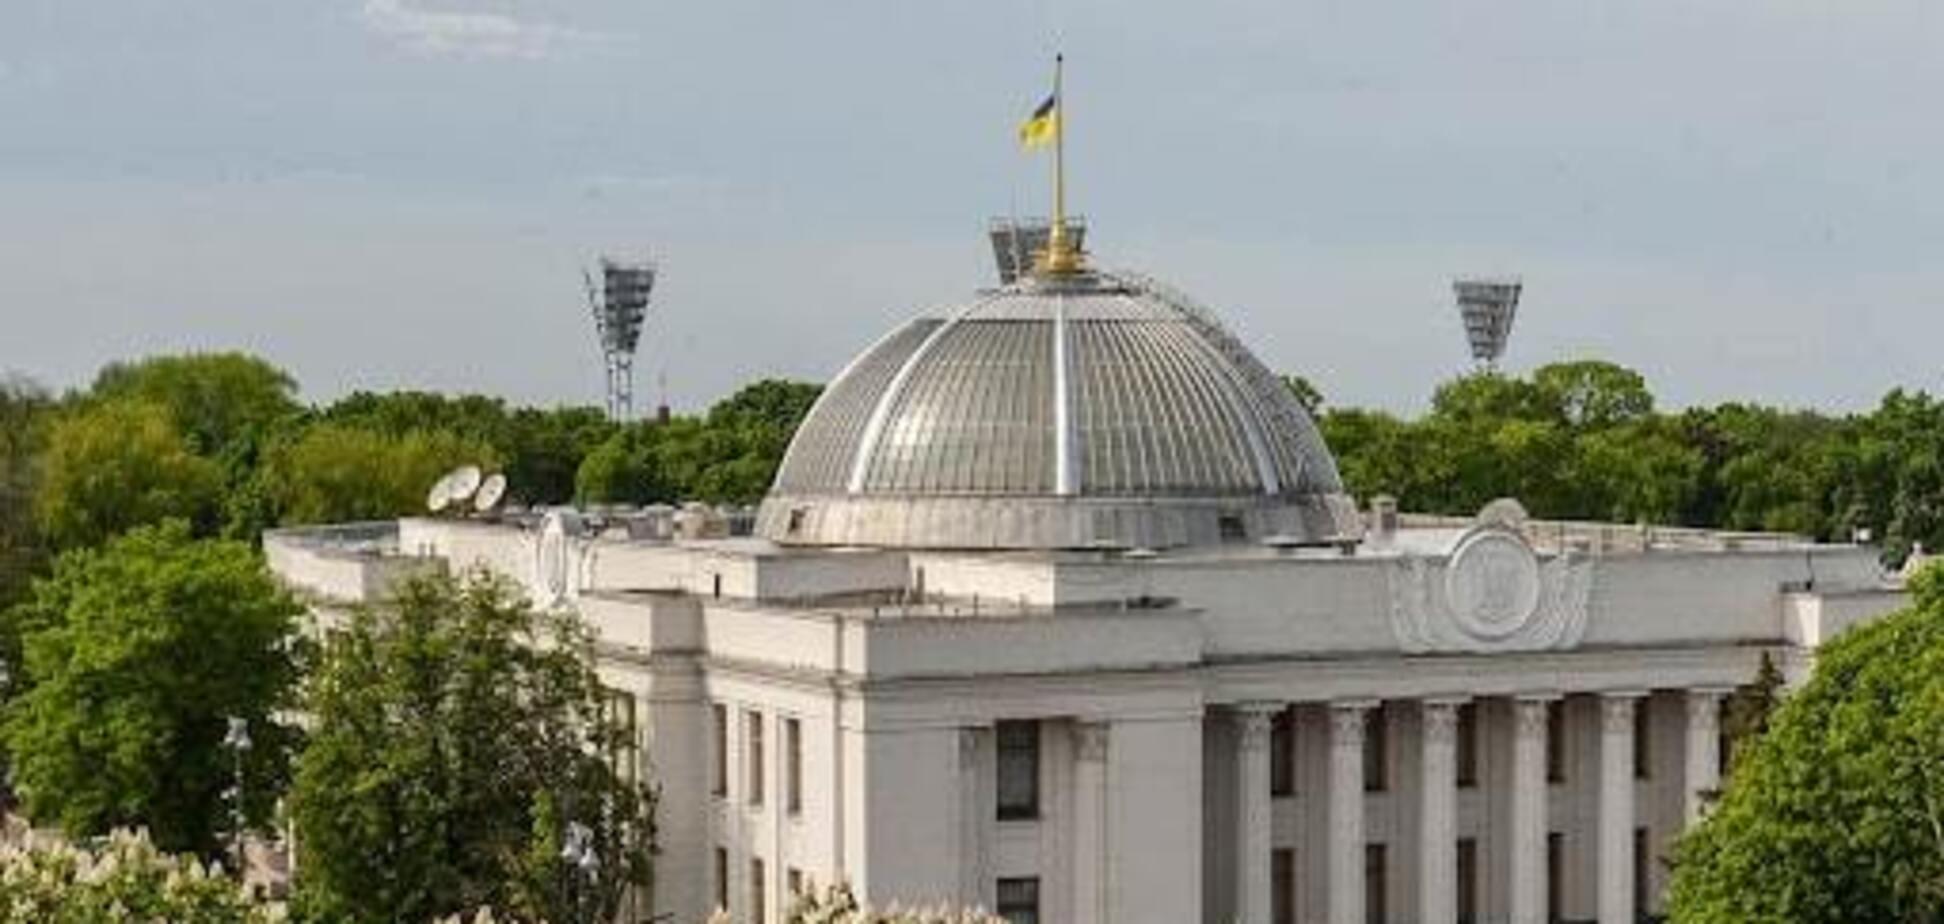 Законопроект об усилении ответственности в градостроительстве прошел комитет ВРУ